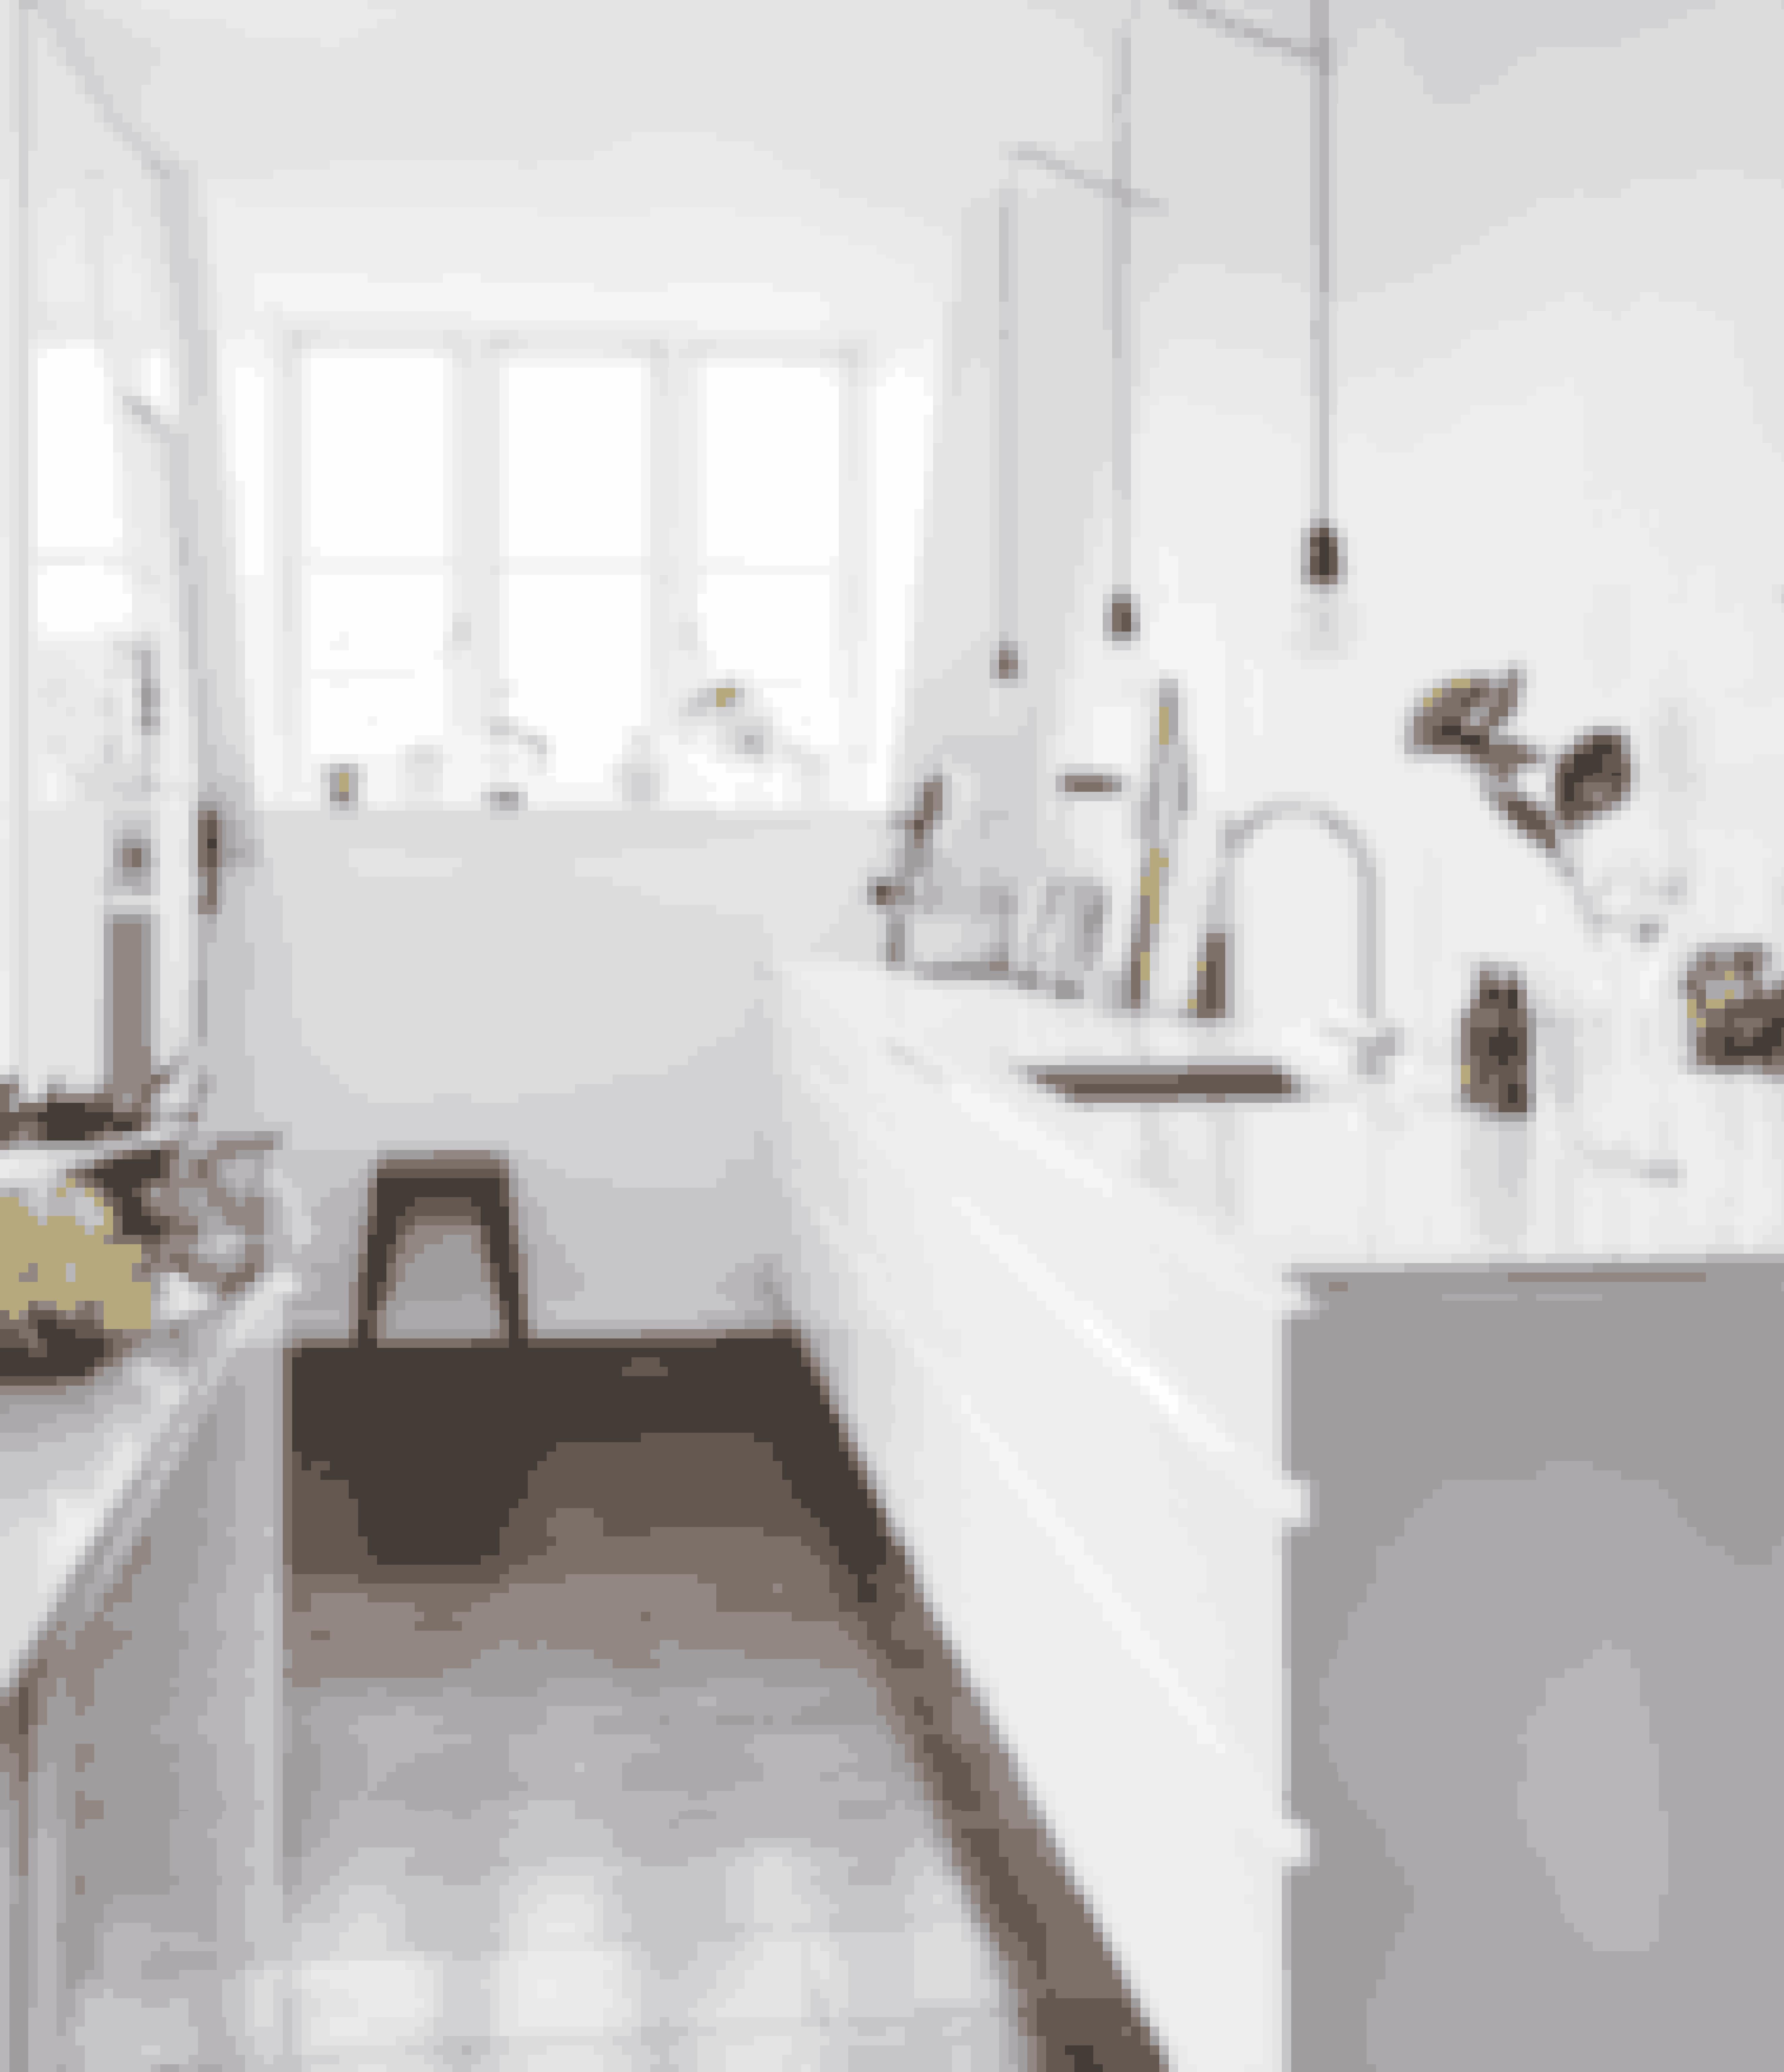 Hvid er en gennemgående farve i dette køkken, der bliver brudt op af små sorte detaljer, grønne planter og blomster.